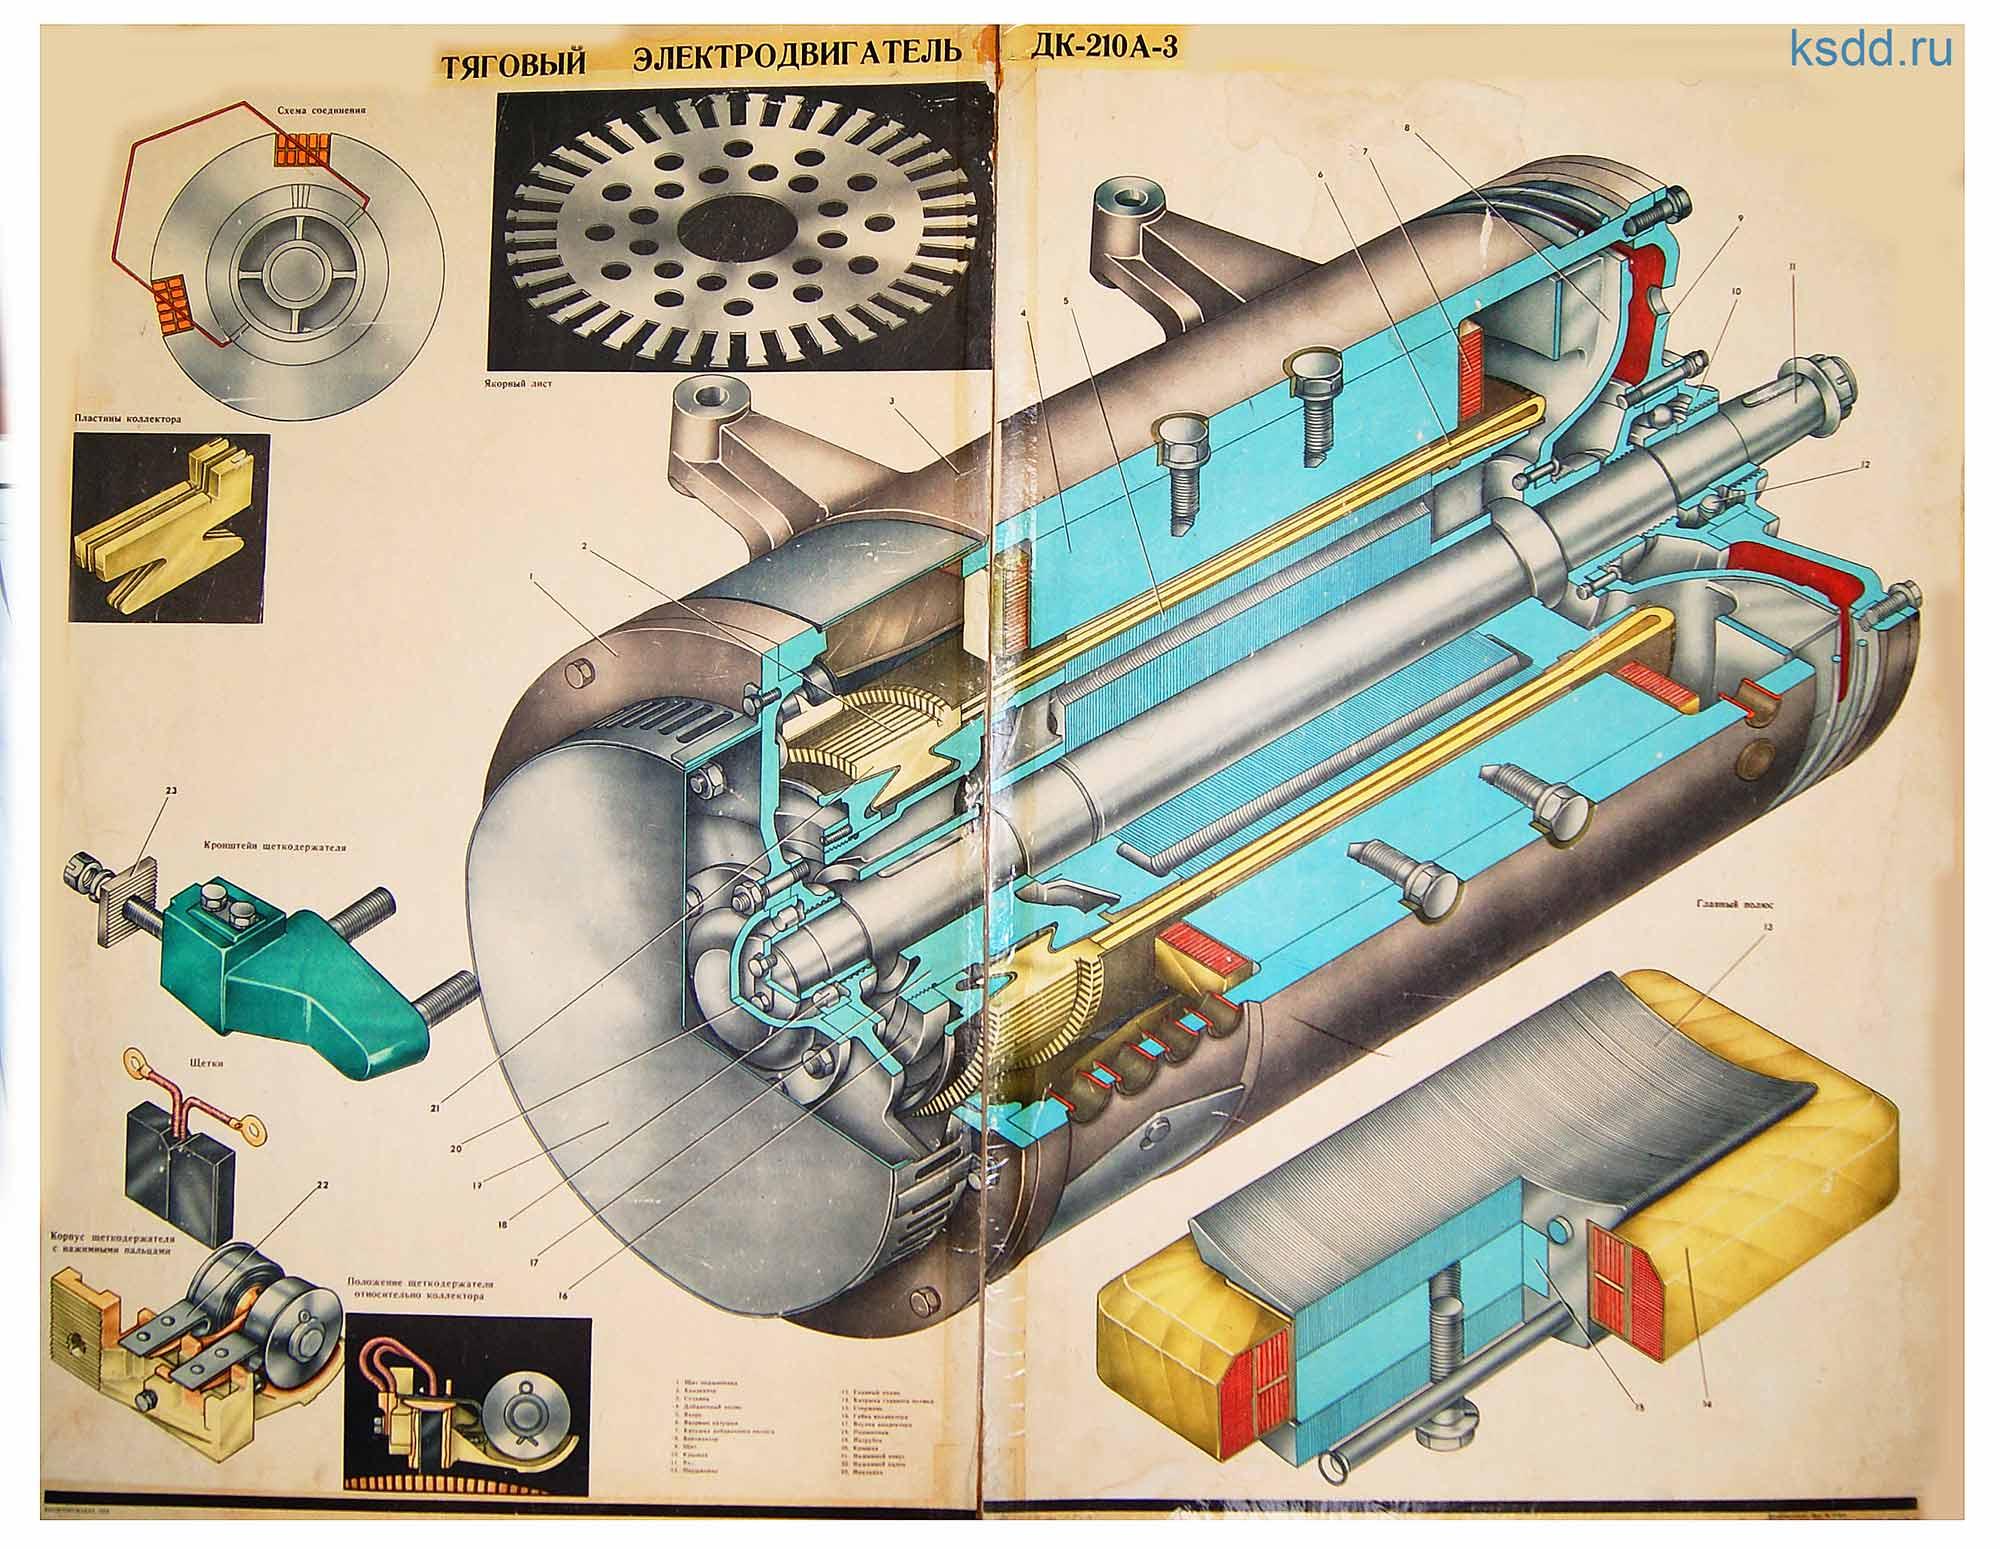 10.-Тяговый-электродвигатель-ДК-210А-3